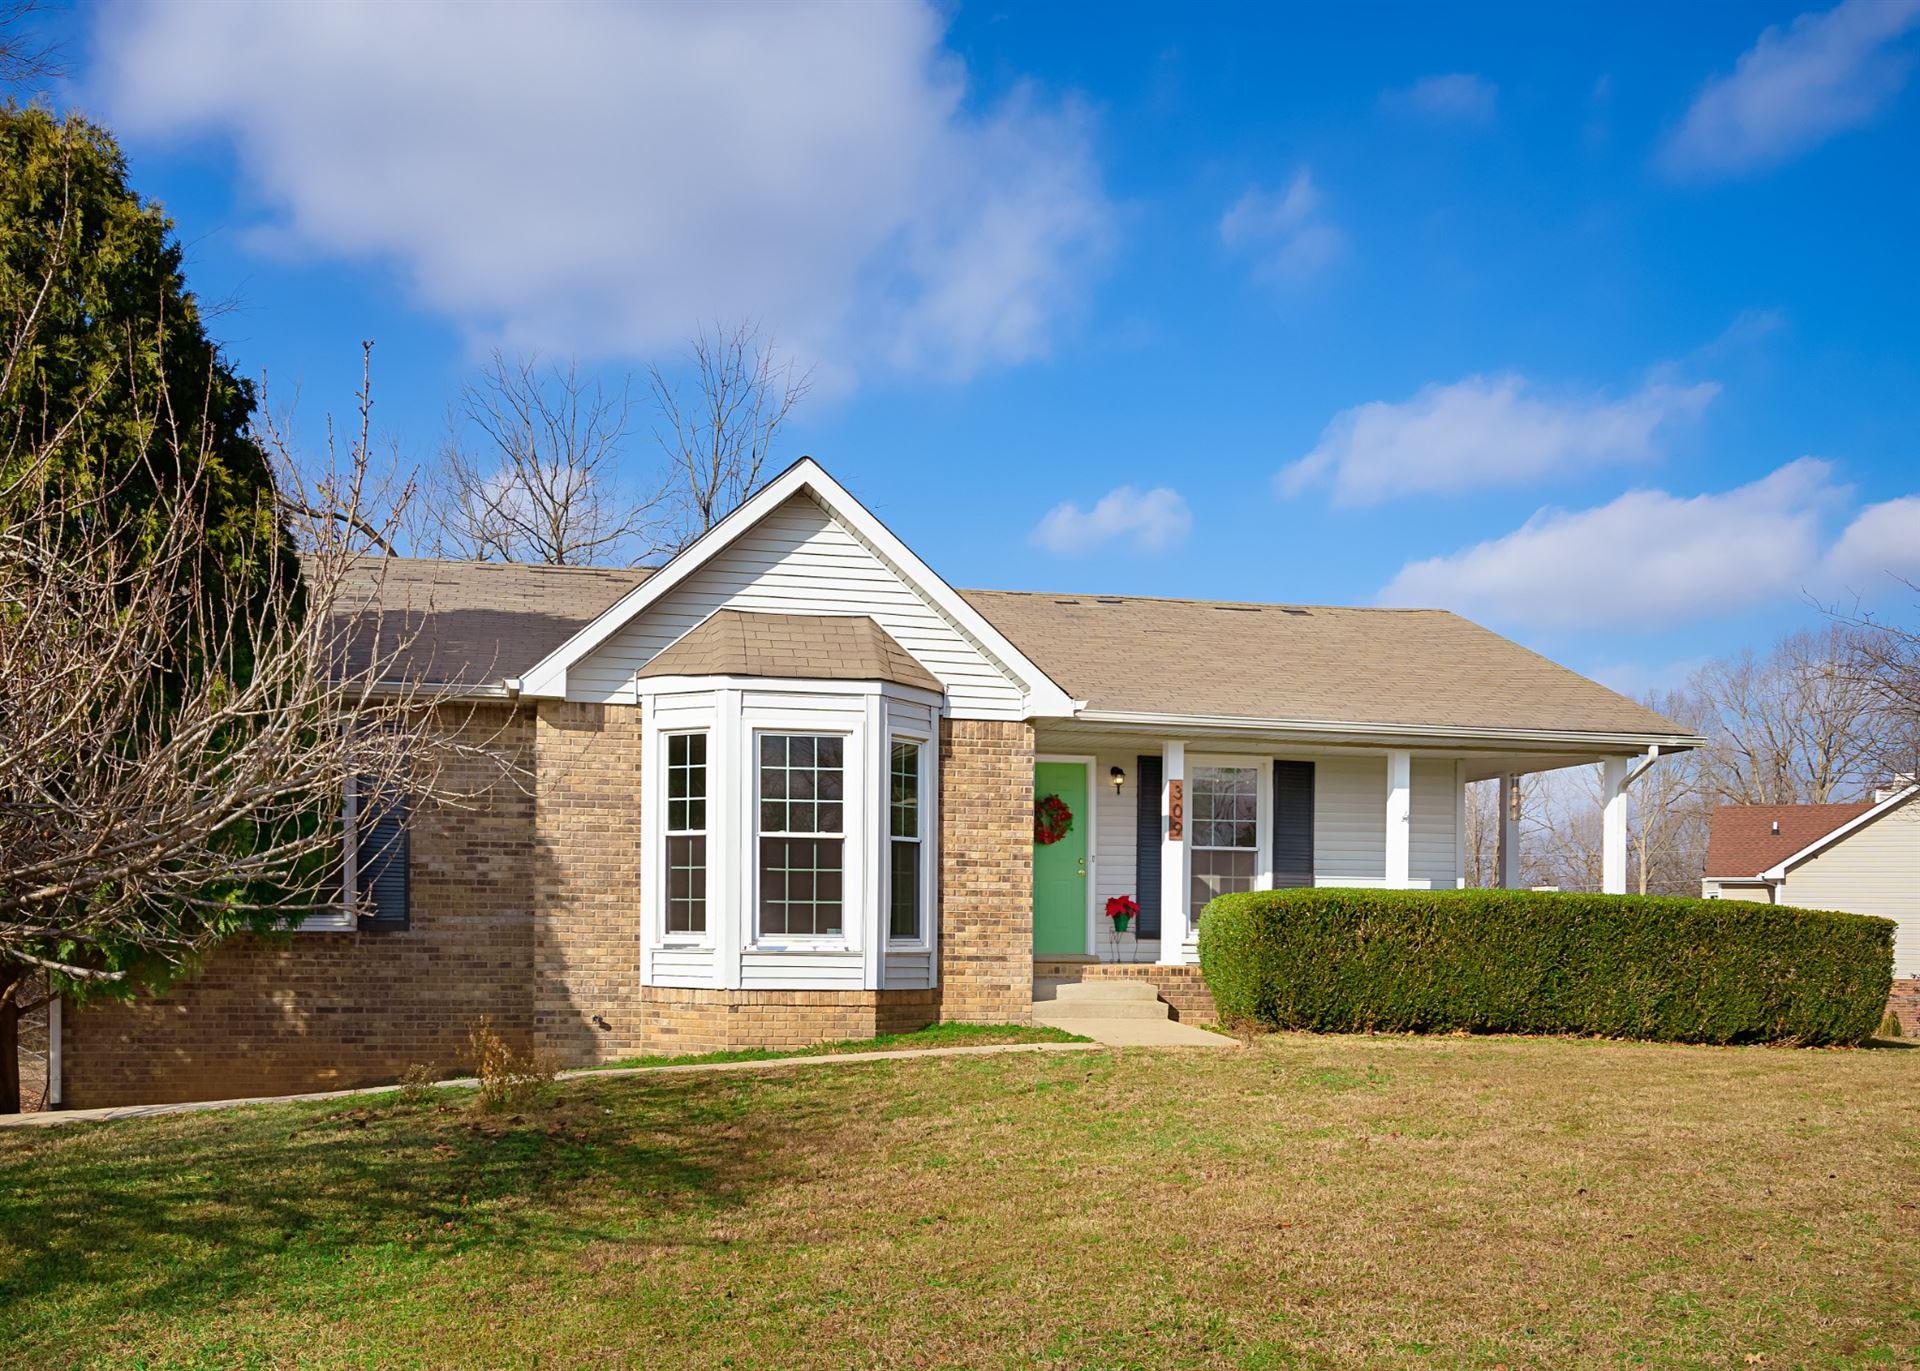 309 Lancaster Rd, Clarksville, TN 37042 - MLS#: 2213672